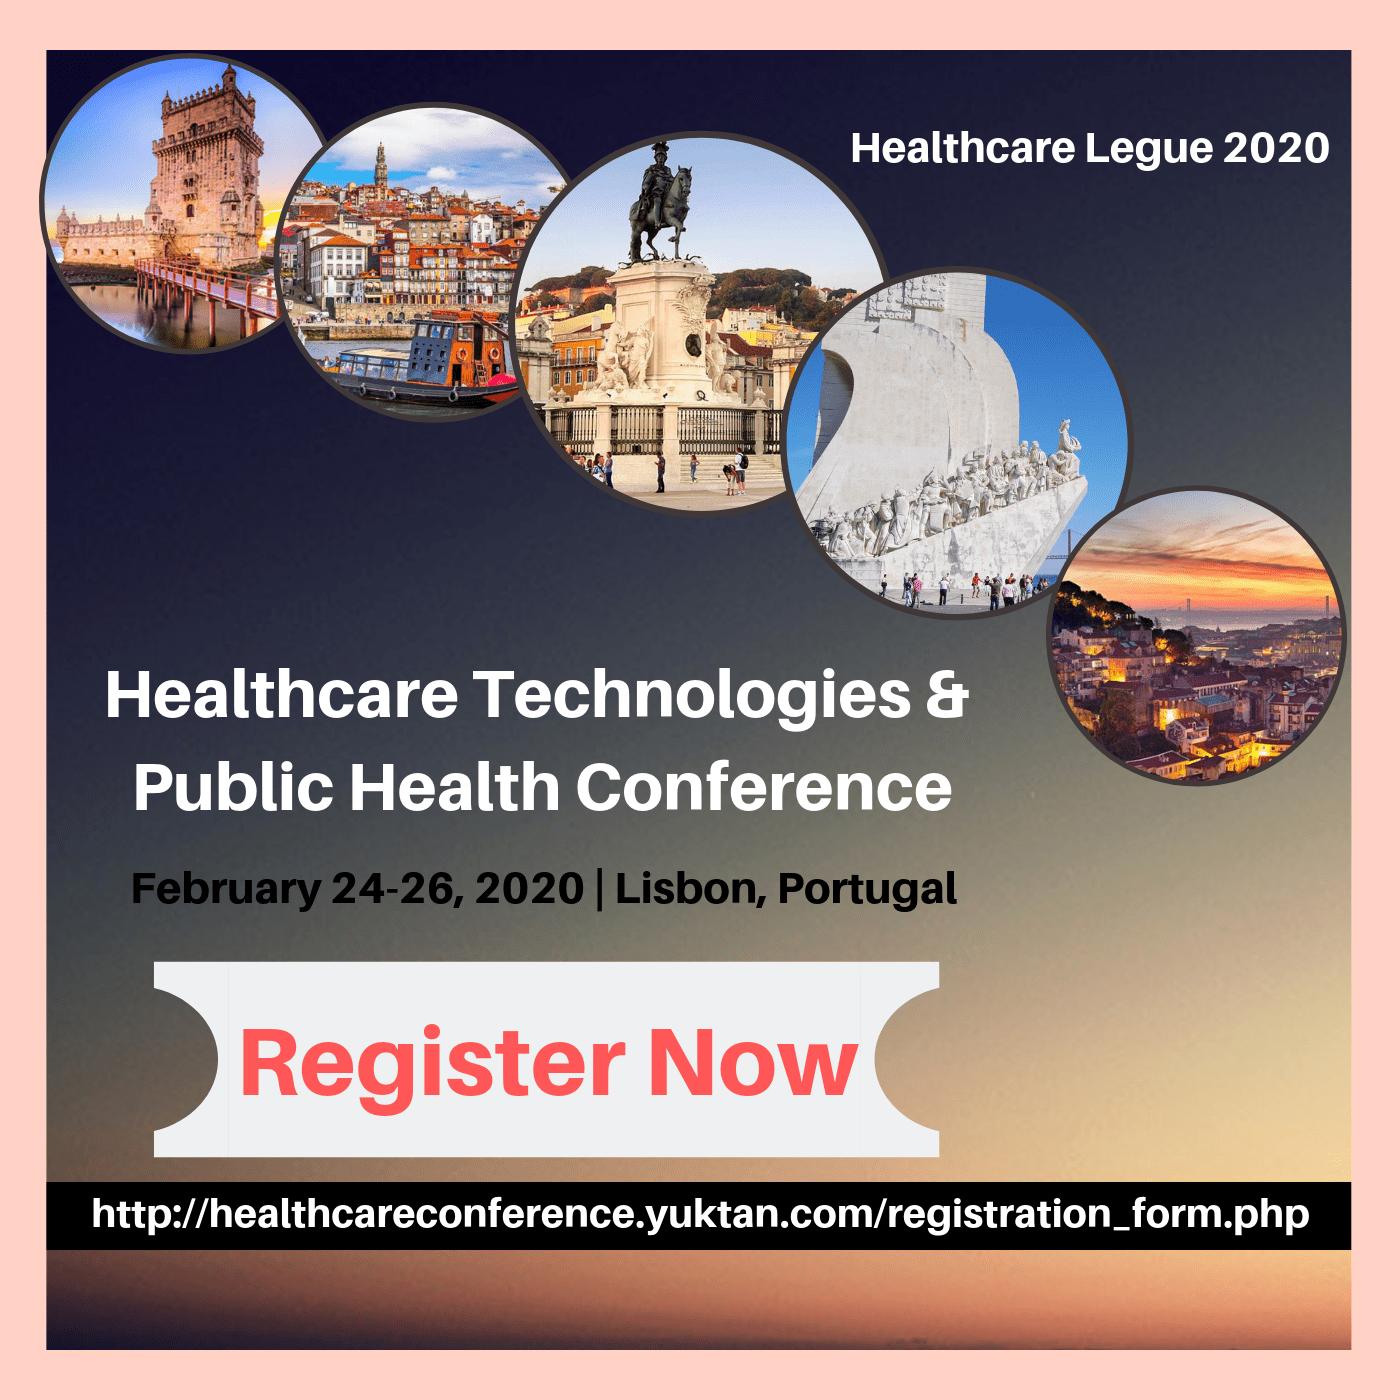 Healthcare_Legue_2020